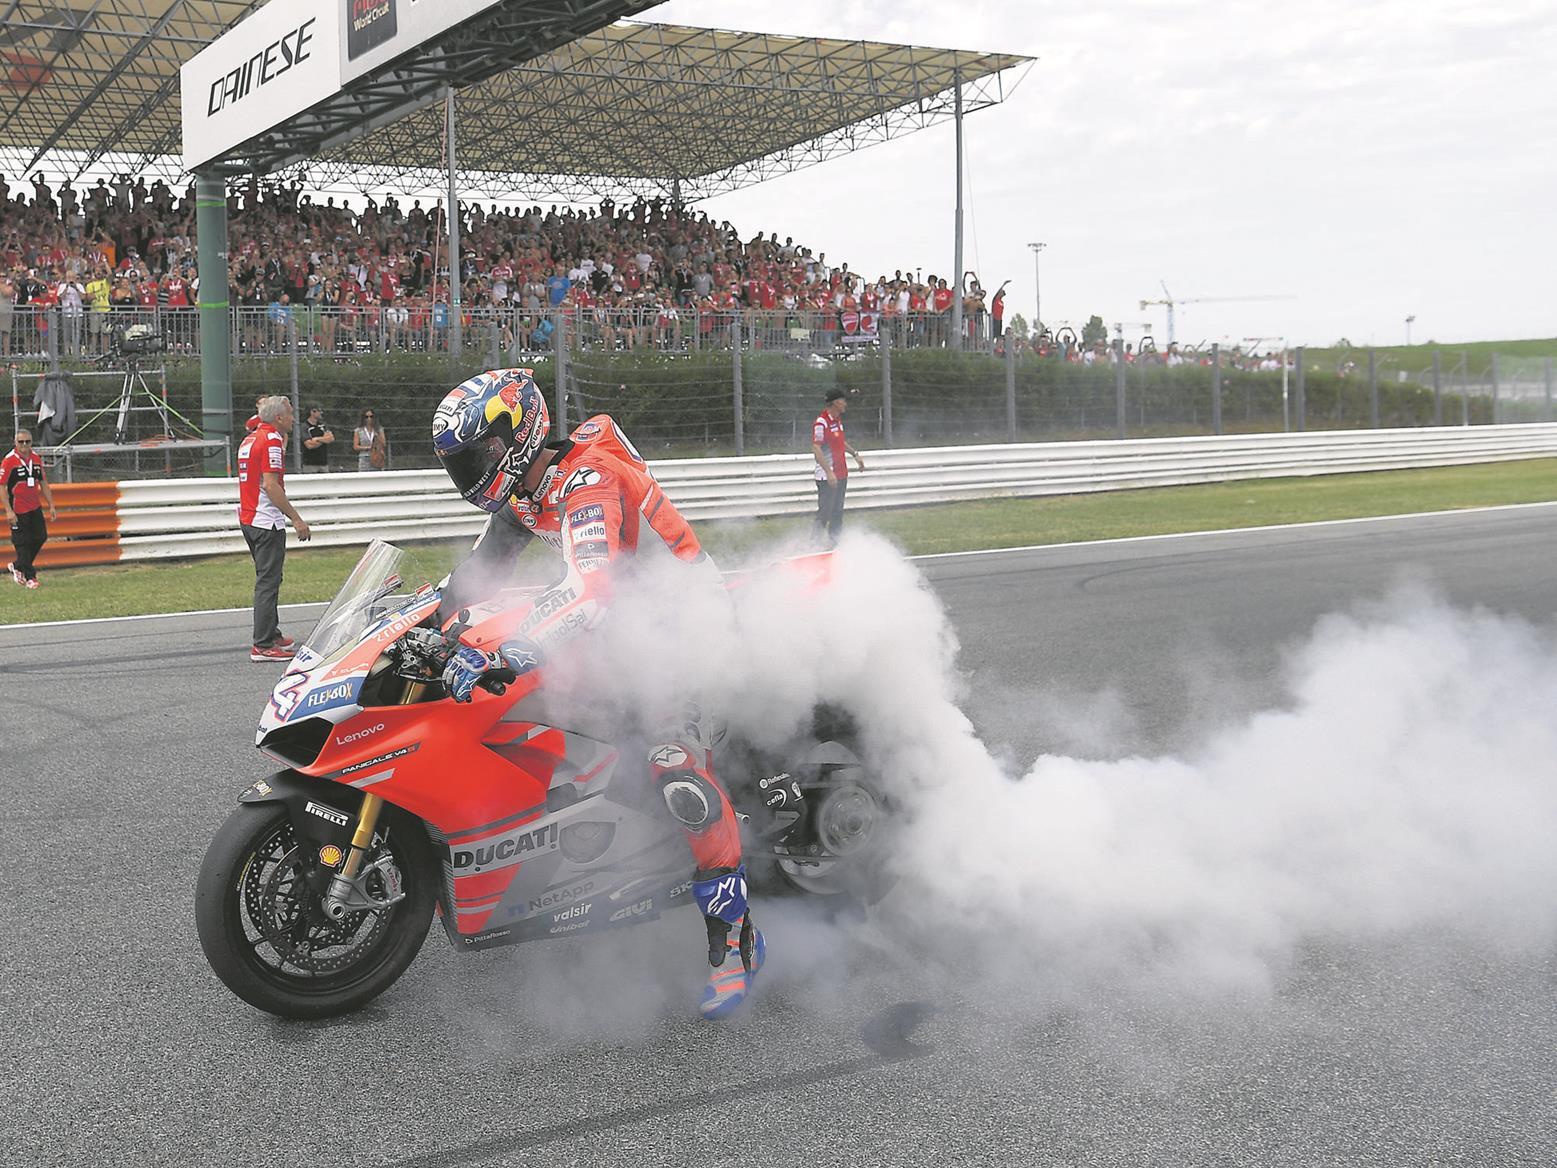 Andrea Dovizioso performs a burnout